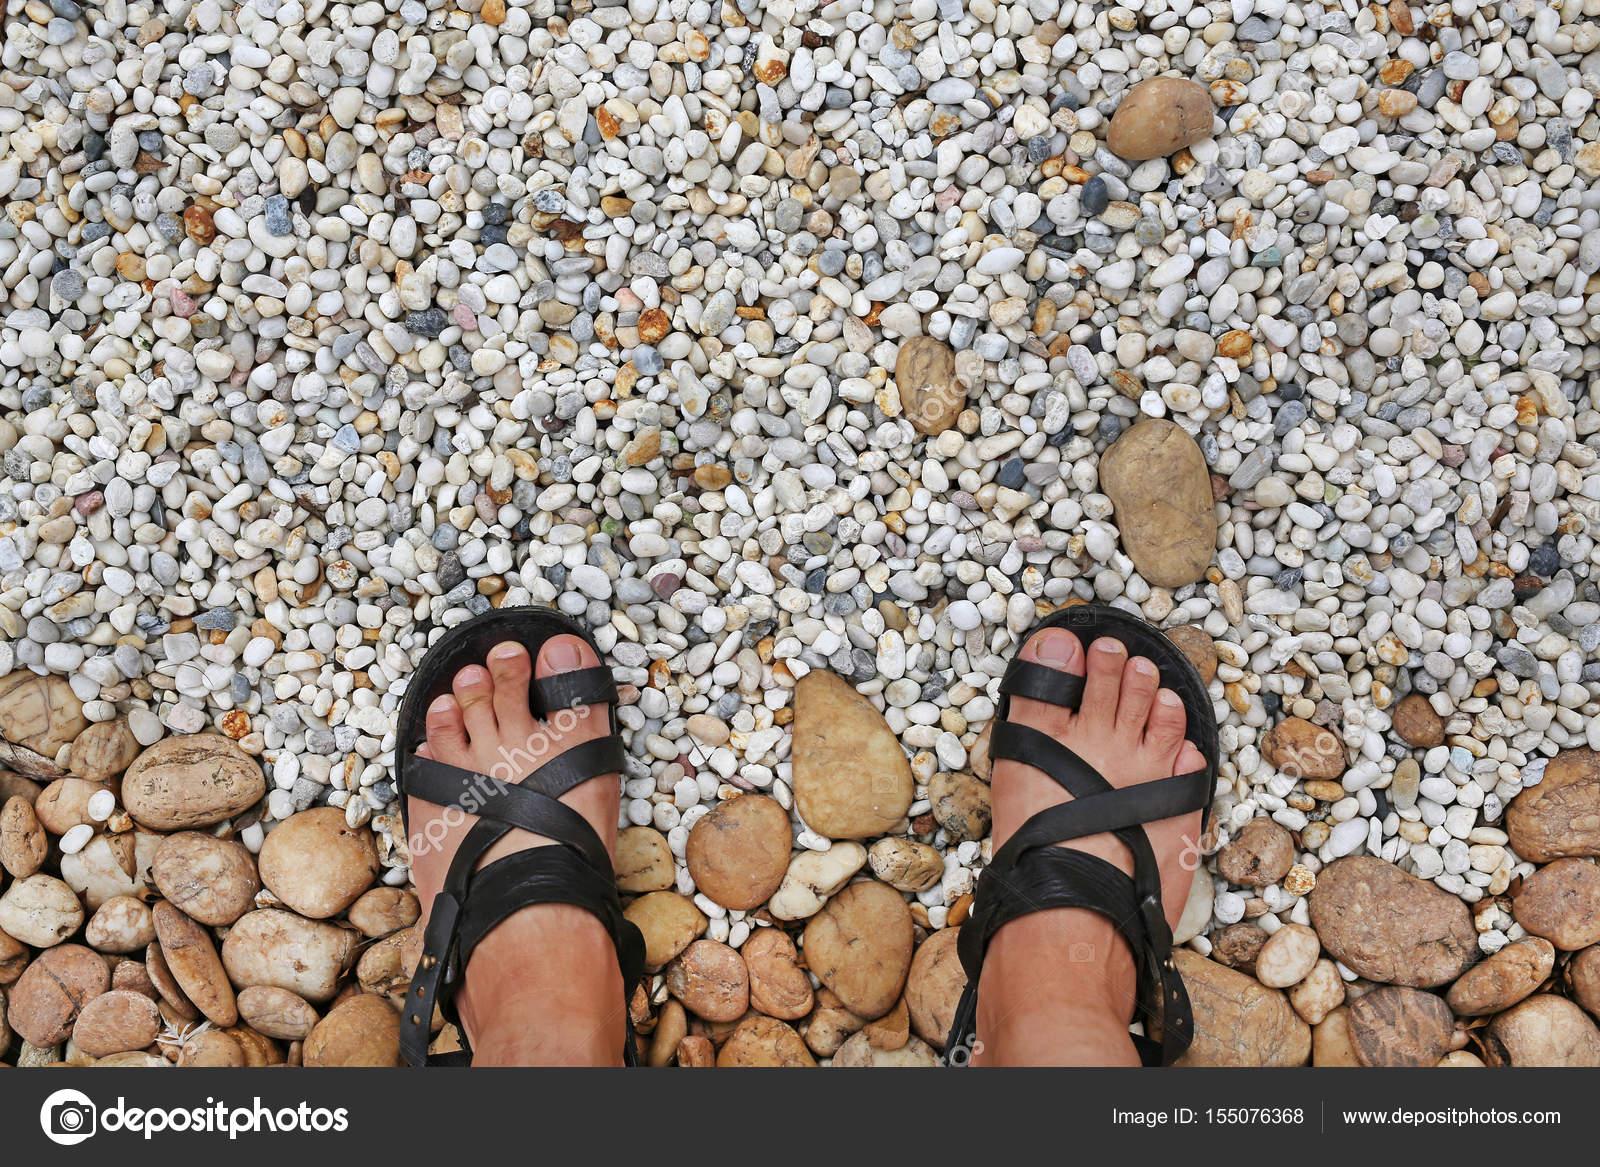 Blickte Auf Die Füße Auf Einer Schotterpiste Die Steinen Im Garten